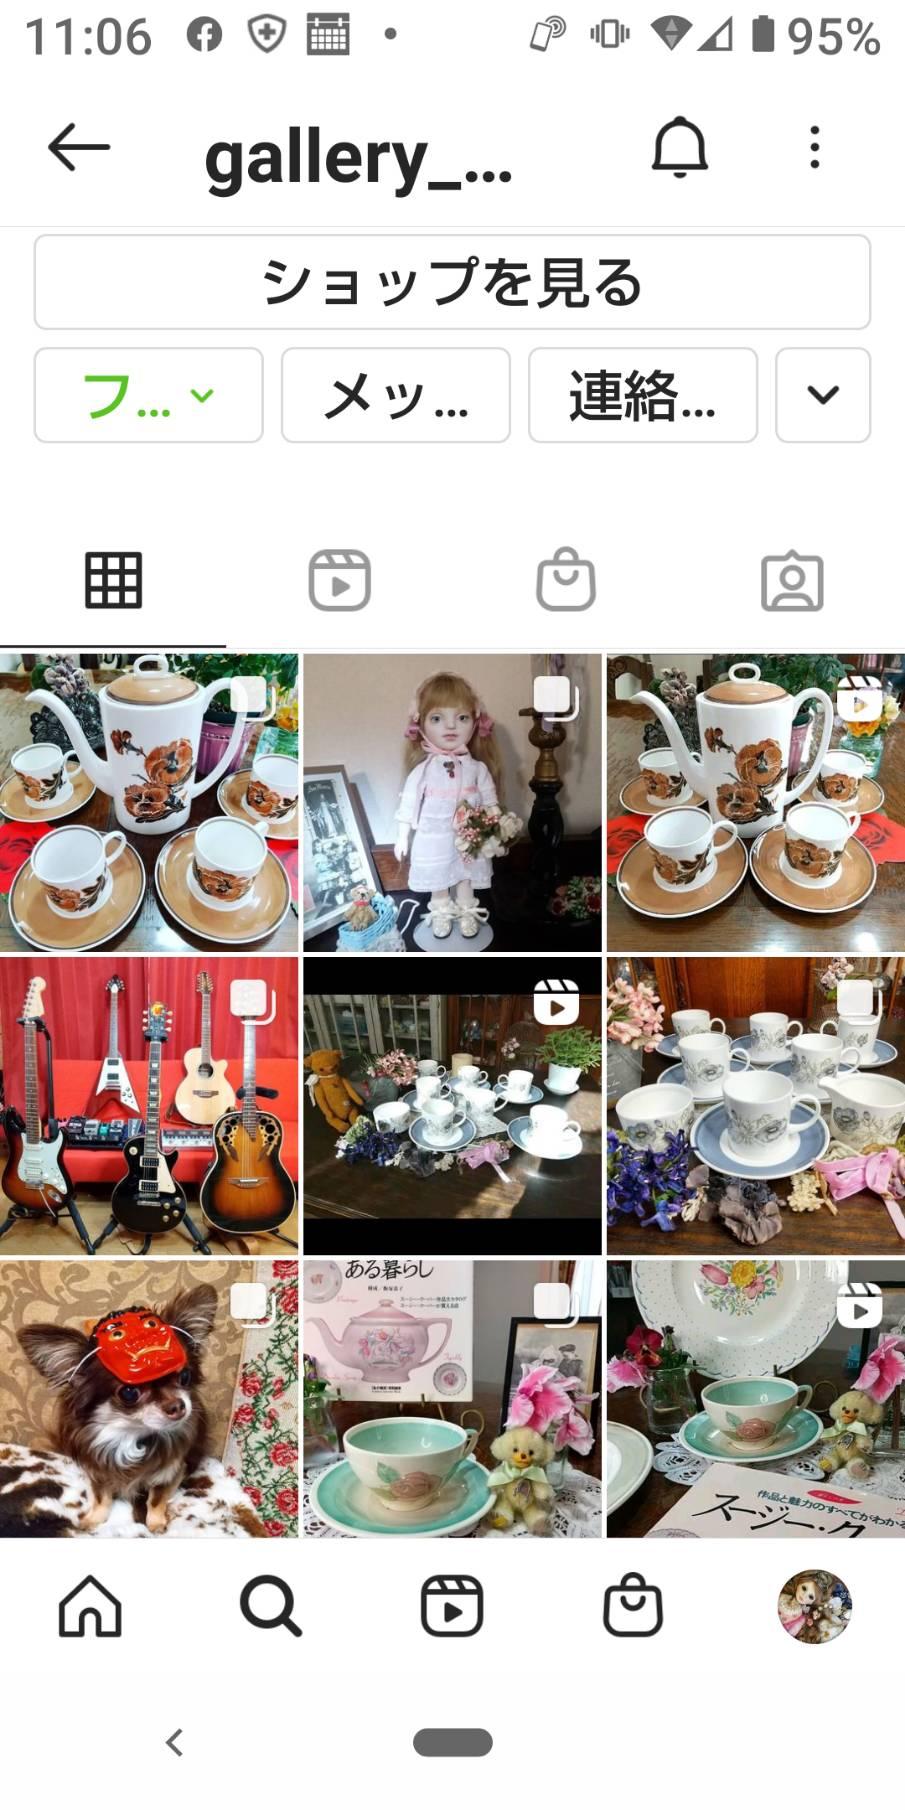 Instagramからも購入できるようになりました!